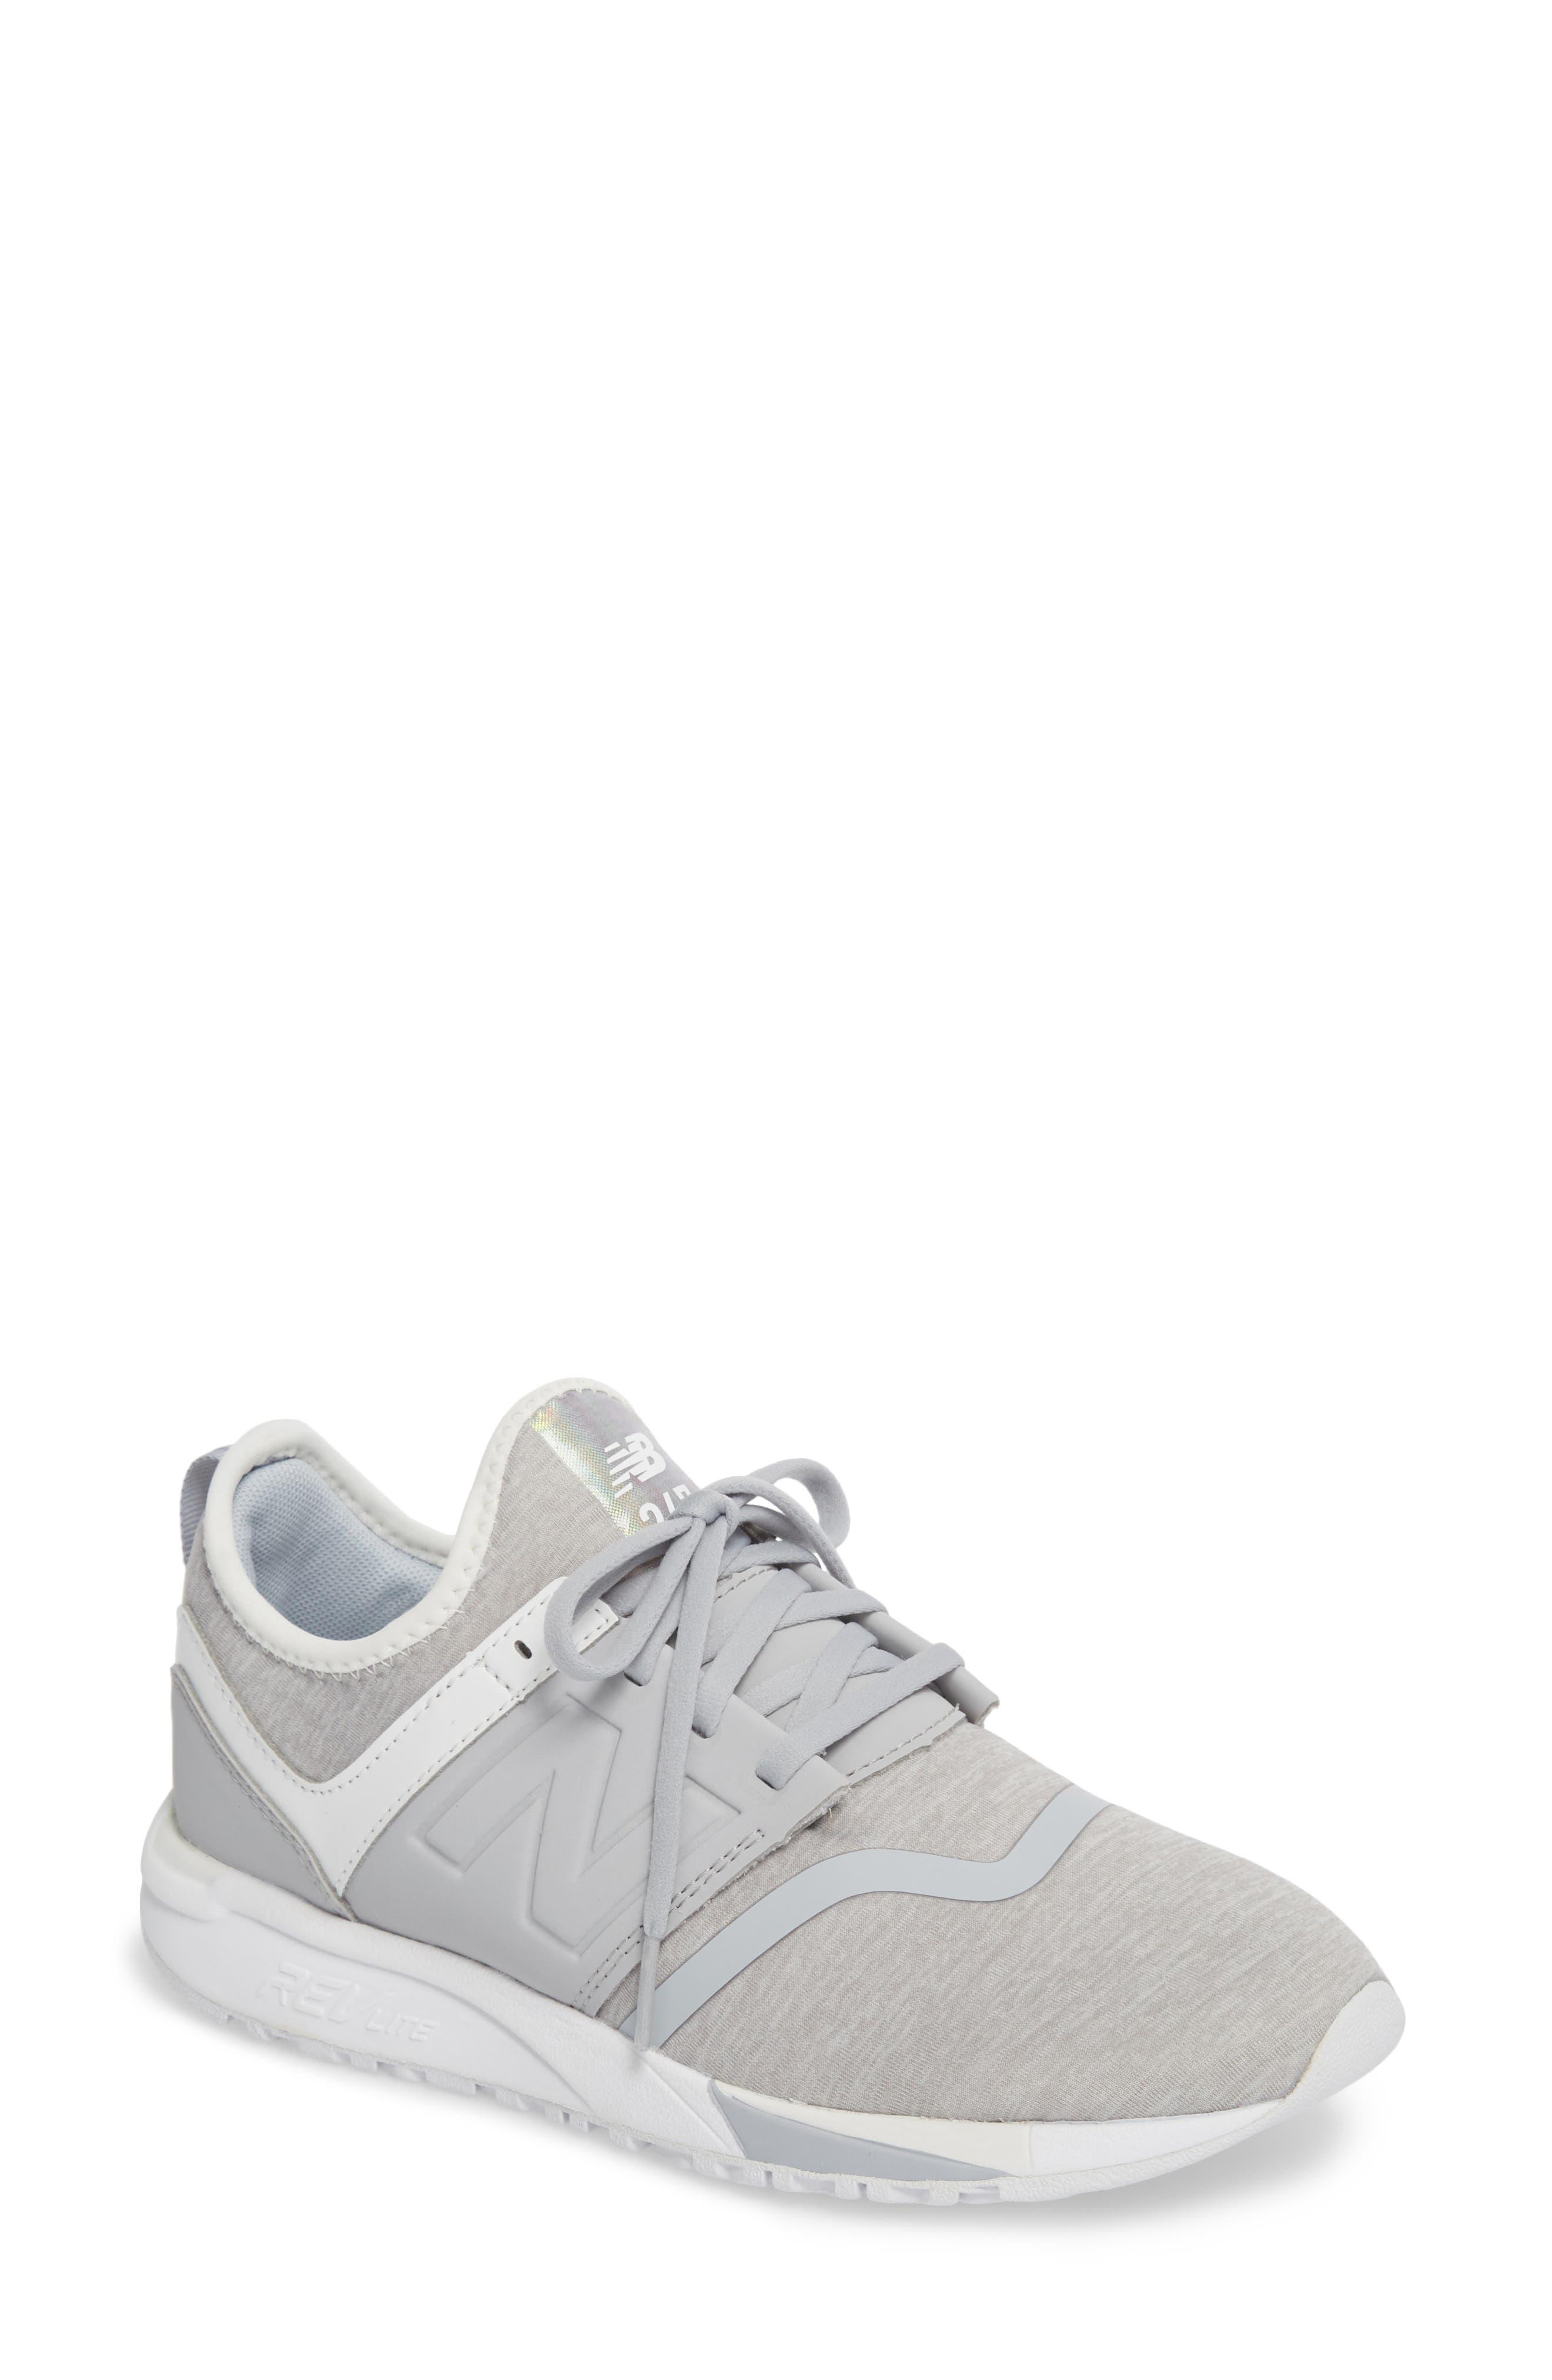 New Balance Sport Style 247 Sneaker Women